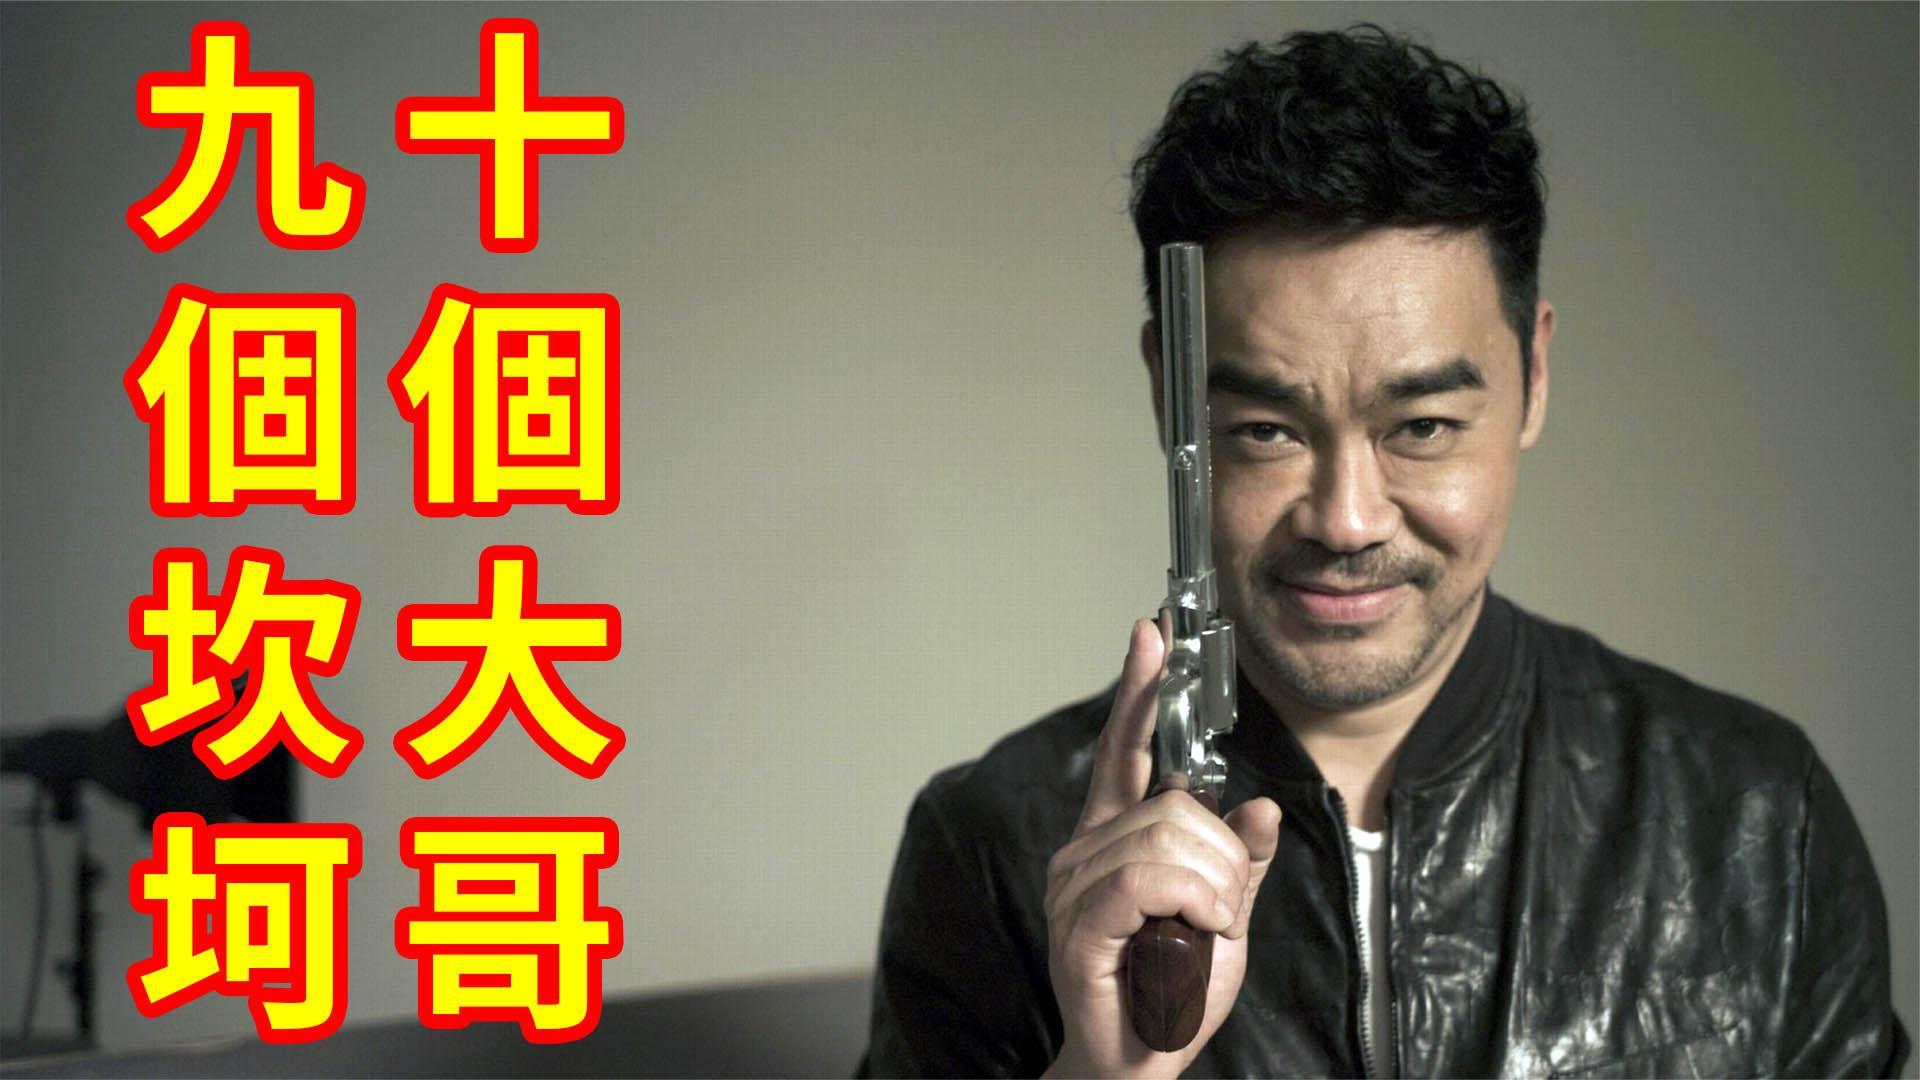 美女环绕都是假象,真实黑道大哥是什么样?刘青云与杜琪峰联手